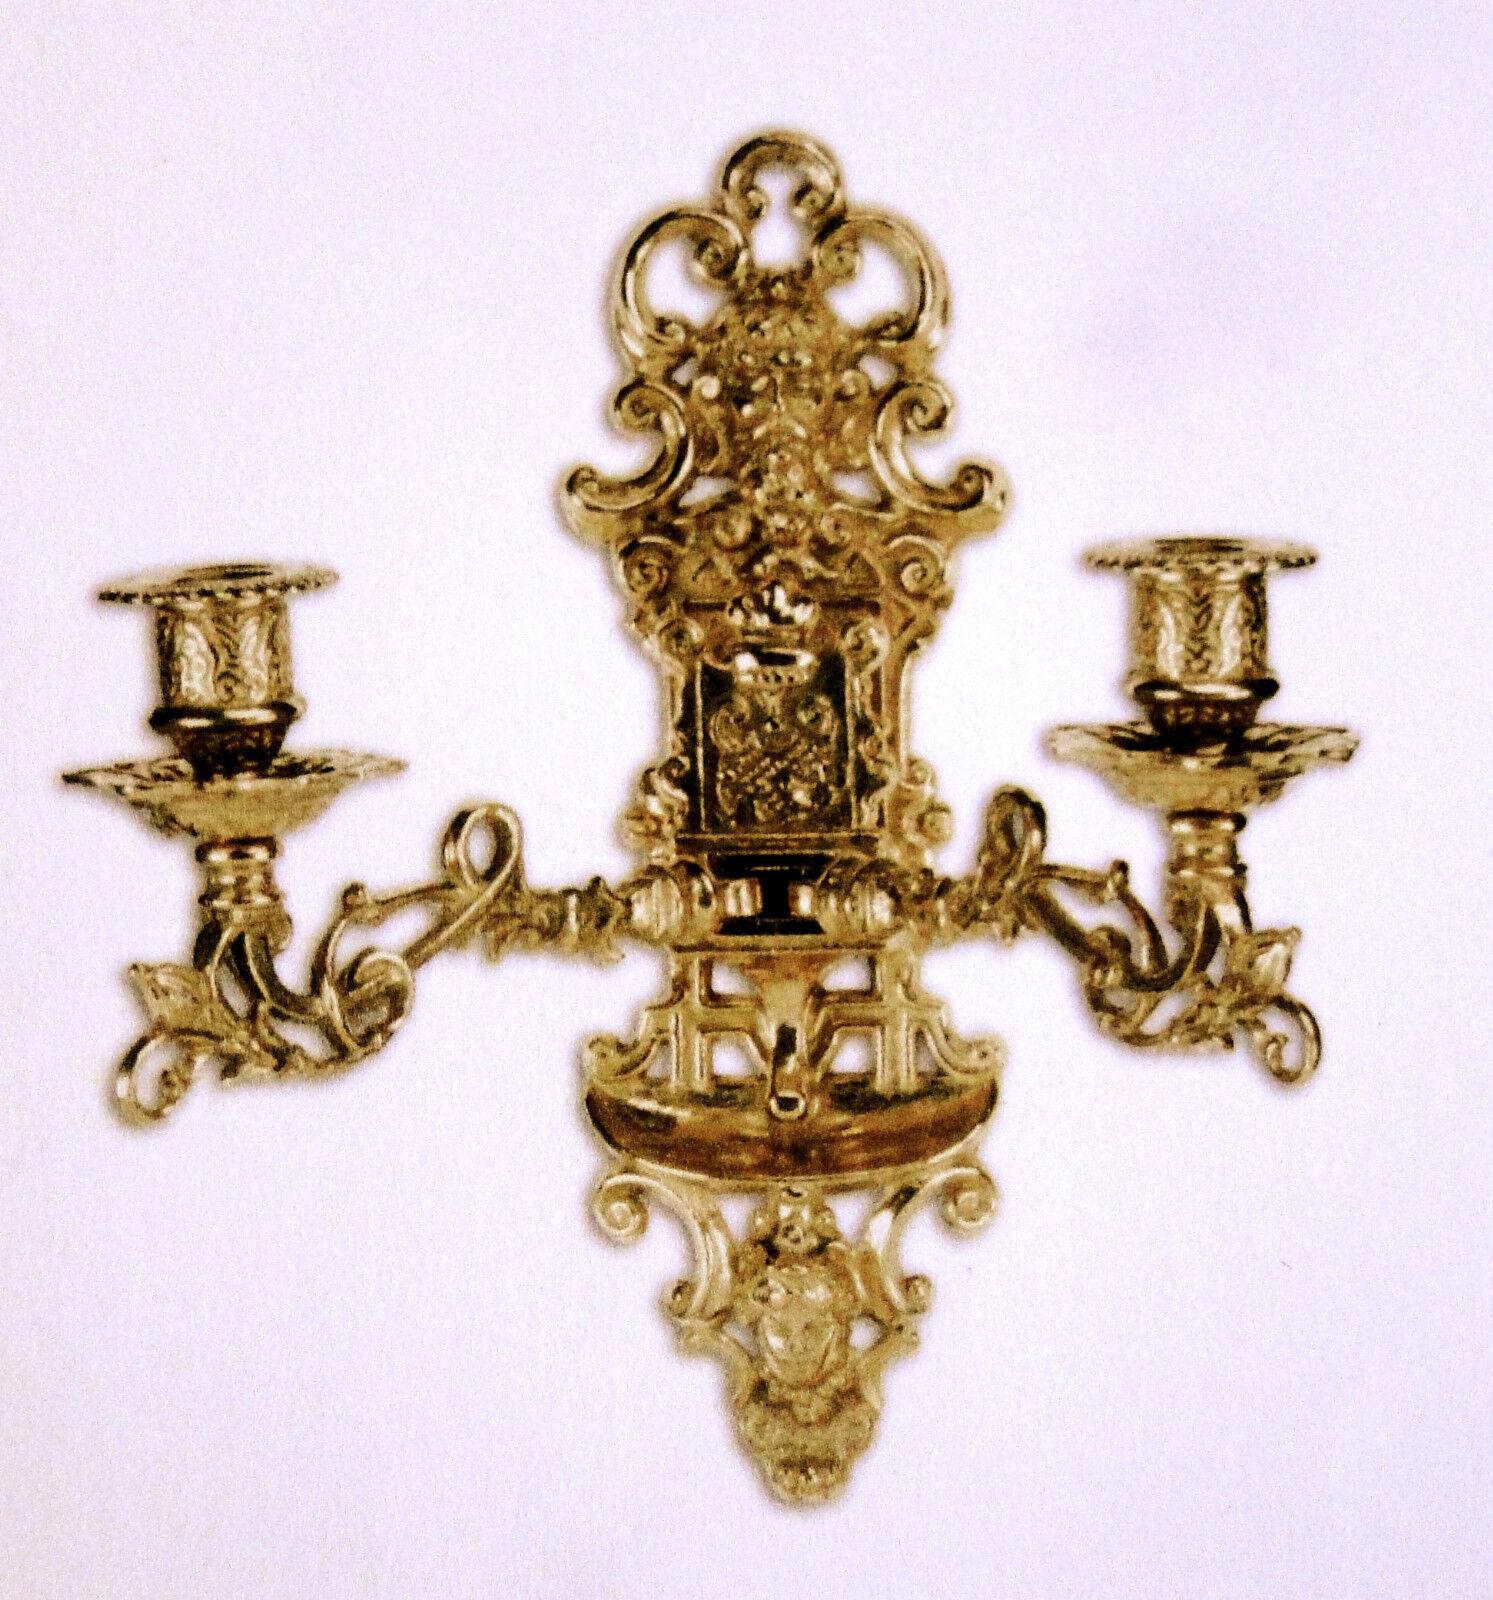 Antico Candelabro da Muro, Luce da Parete, Pianoforte, Ottone Brunito, Barocco